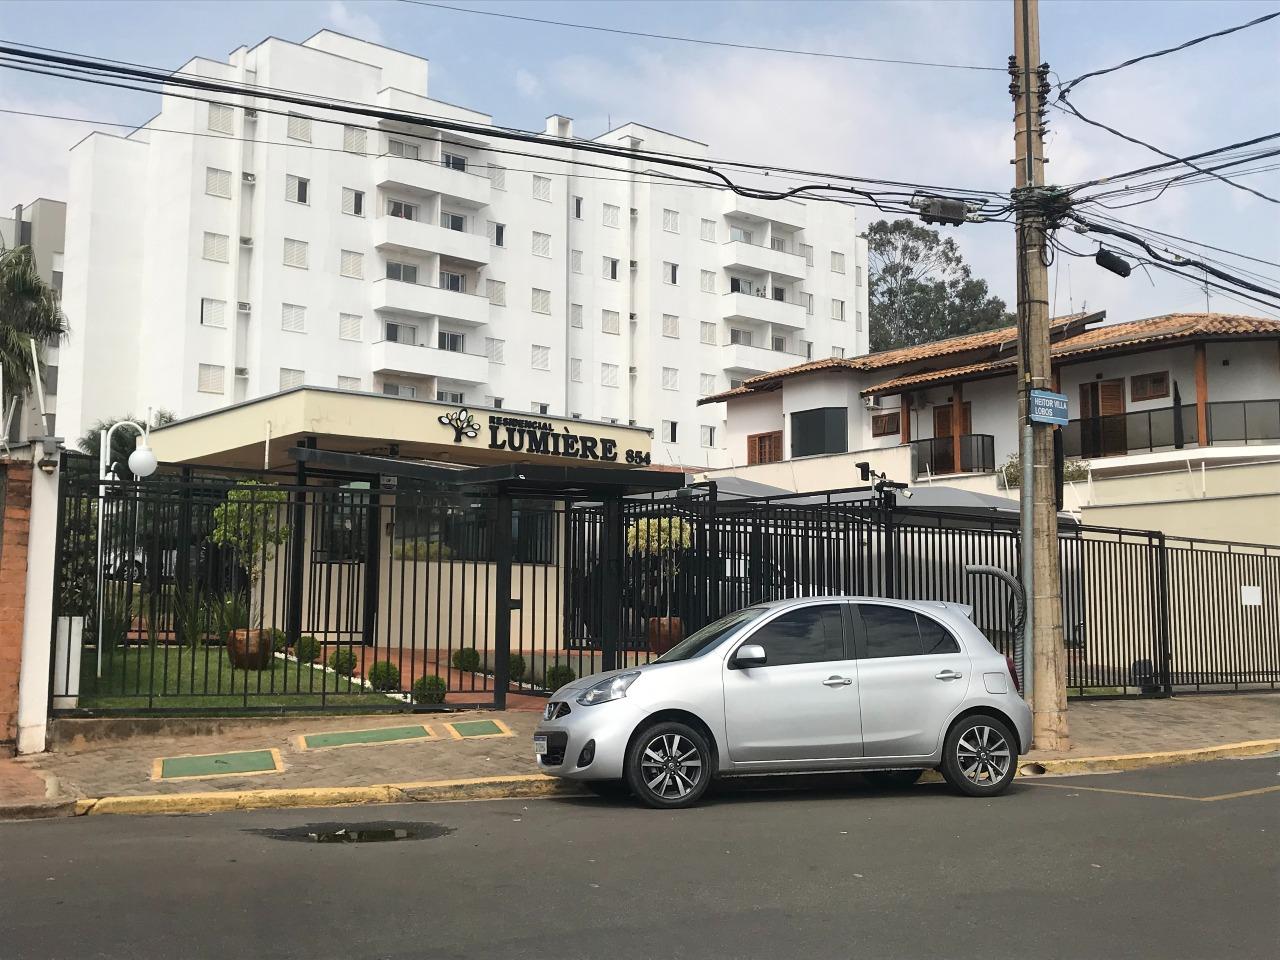 Apartamento para comprar, 2 quartos, 1 suíte, 1 vaga, no bairro Parque Santa Cecília em Piracicaba - SP